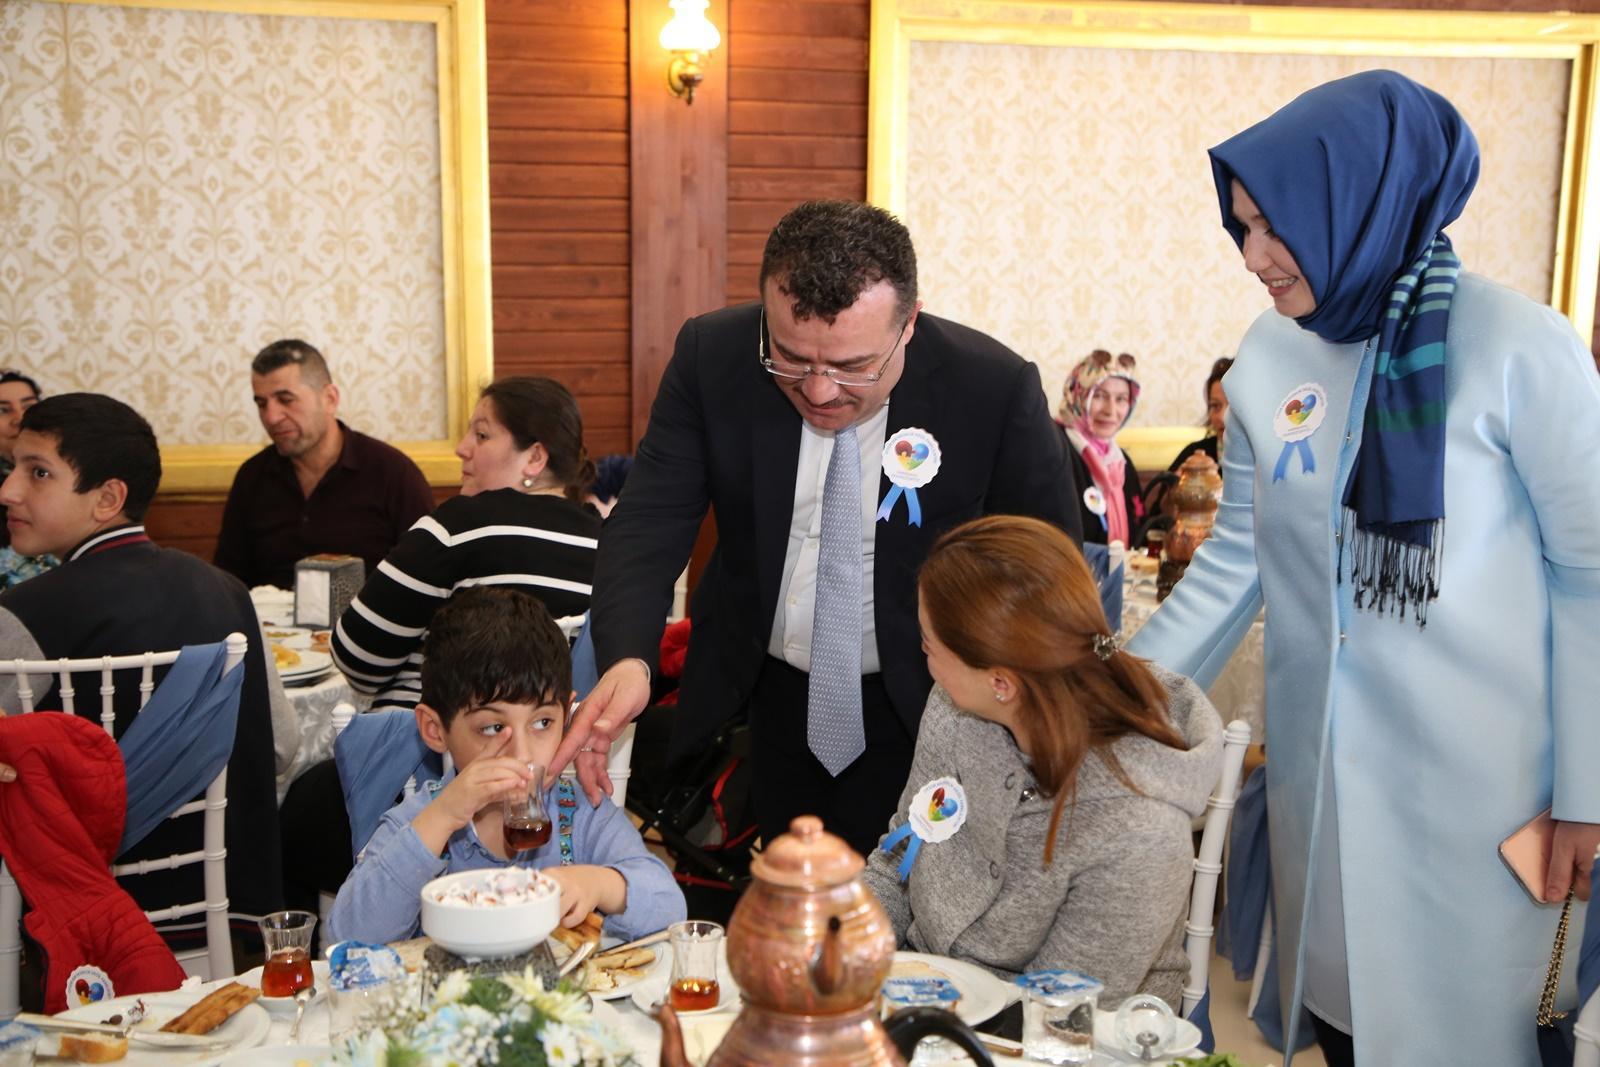 - atakum otizm farkindaligi etkinlik 4 - Atakum'da 'Otizm' farkındalık etkinliği gerçekleşti